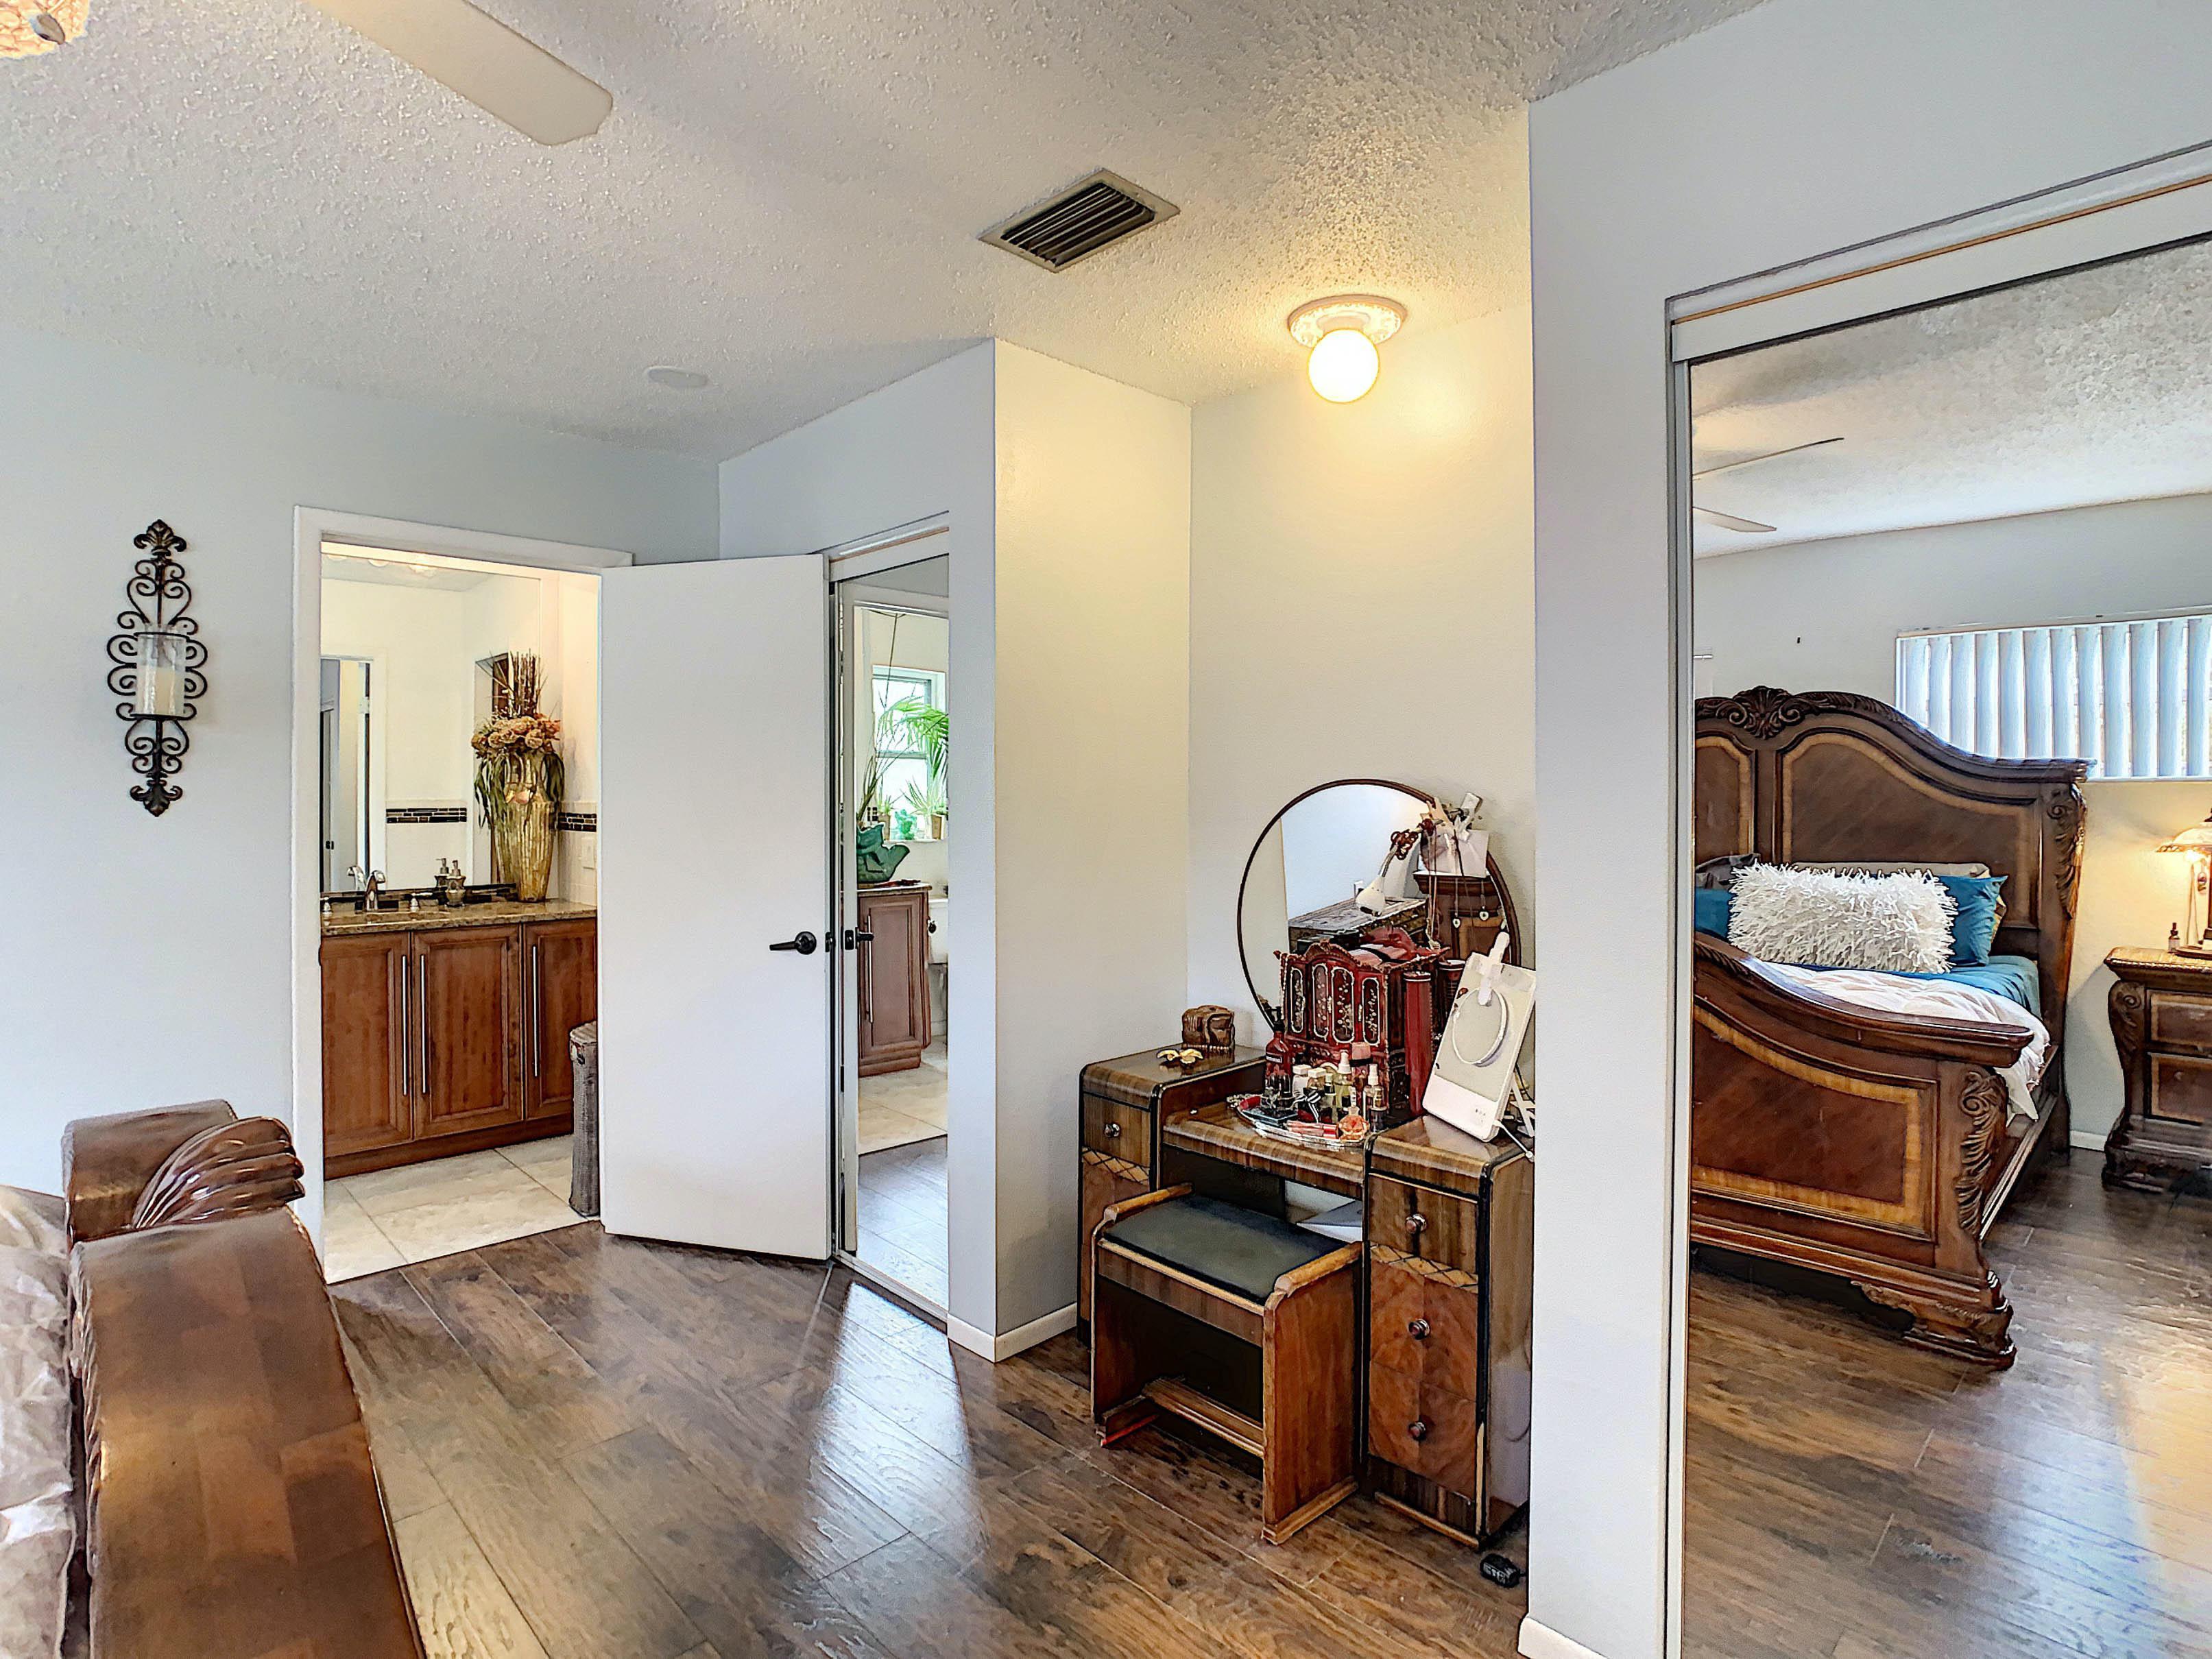 6355 Pinehurst Dr, Spring Hill, FL 34606 | SmartReal